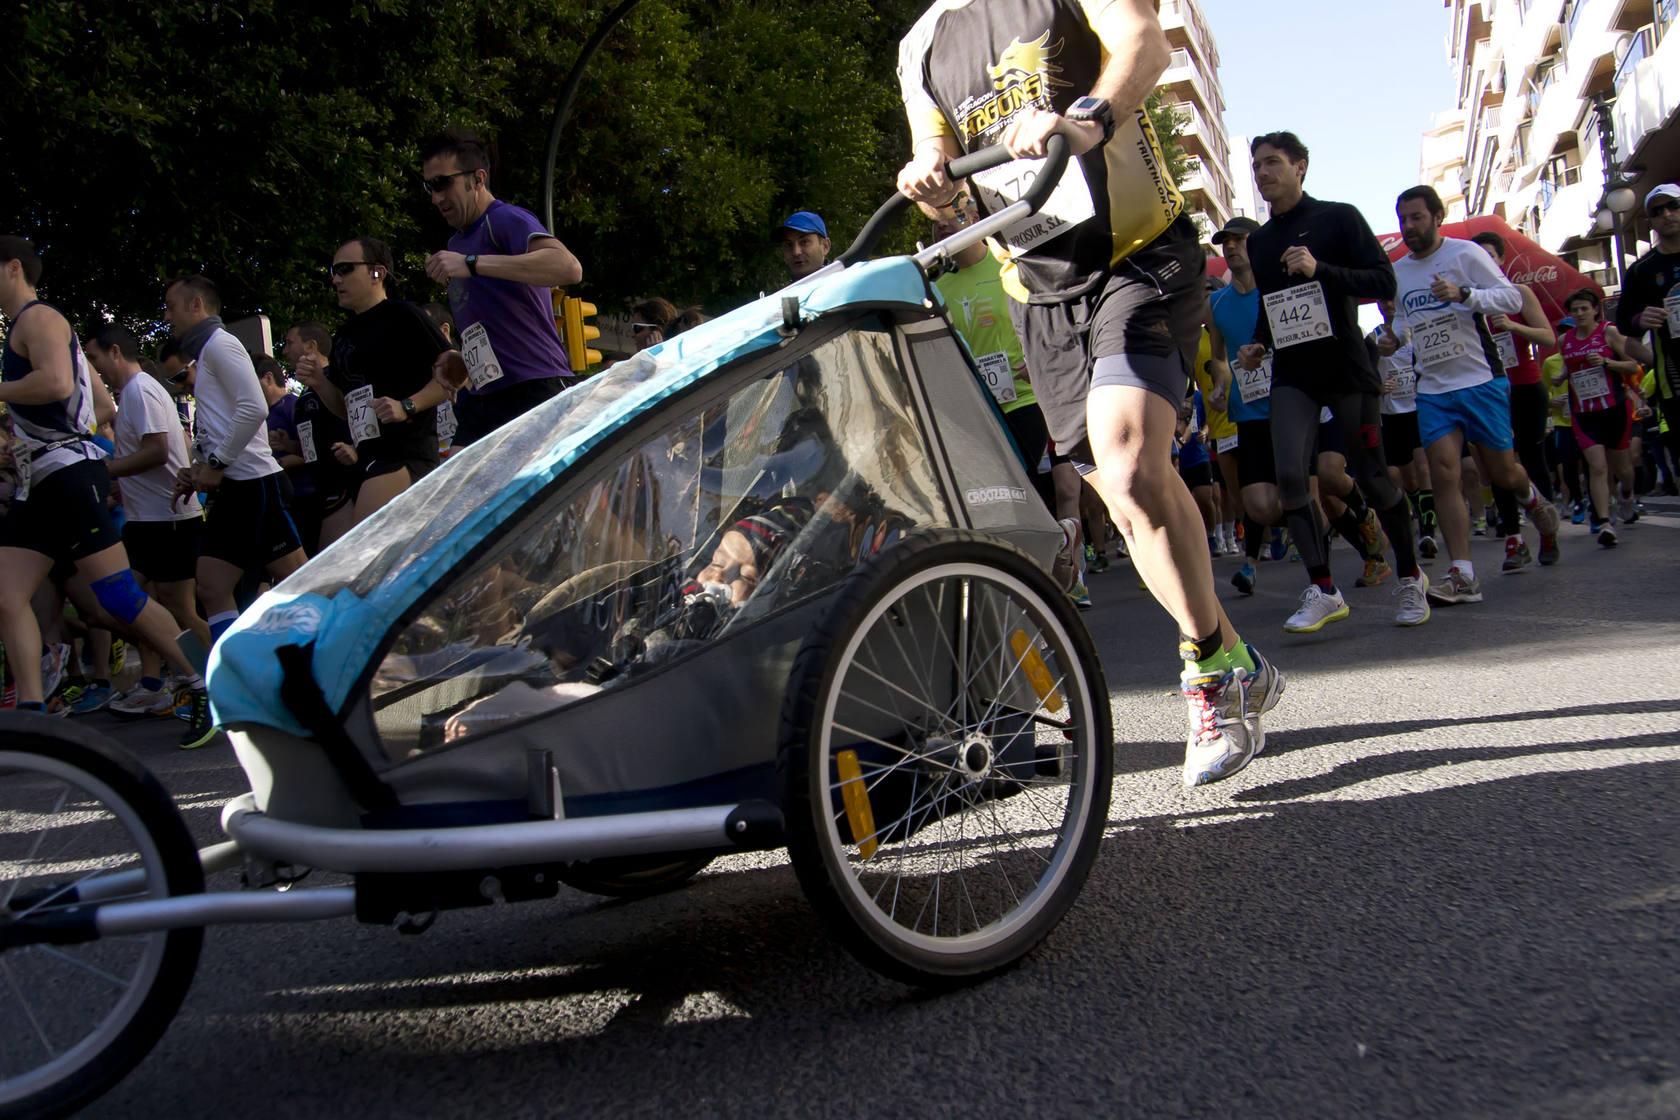 Imágenes de la Media Maratón celebrada en Orihuela